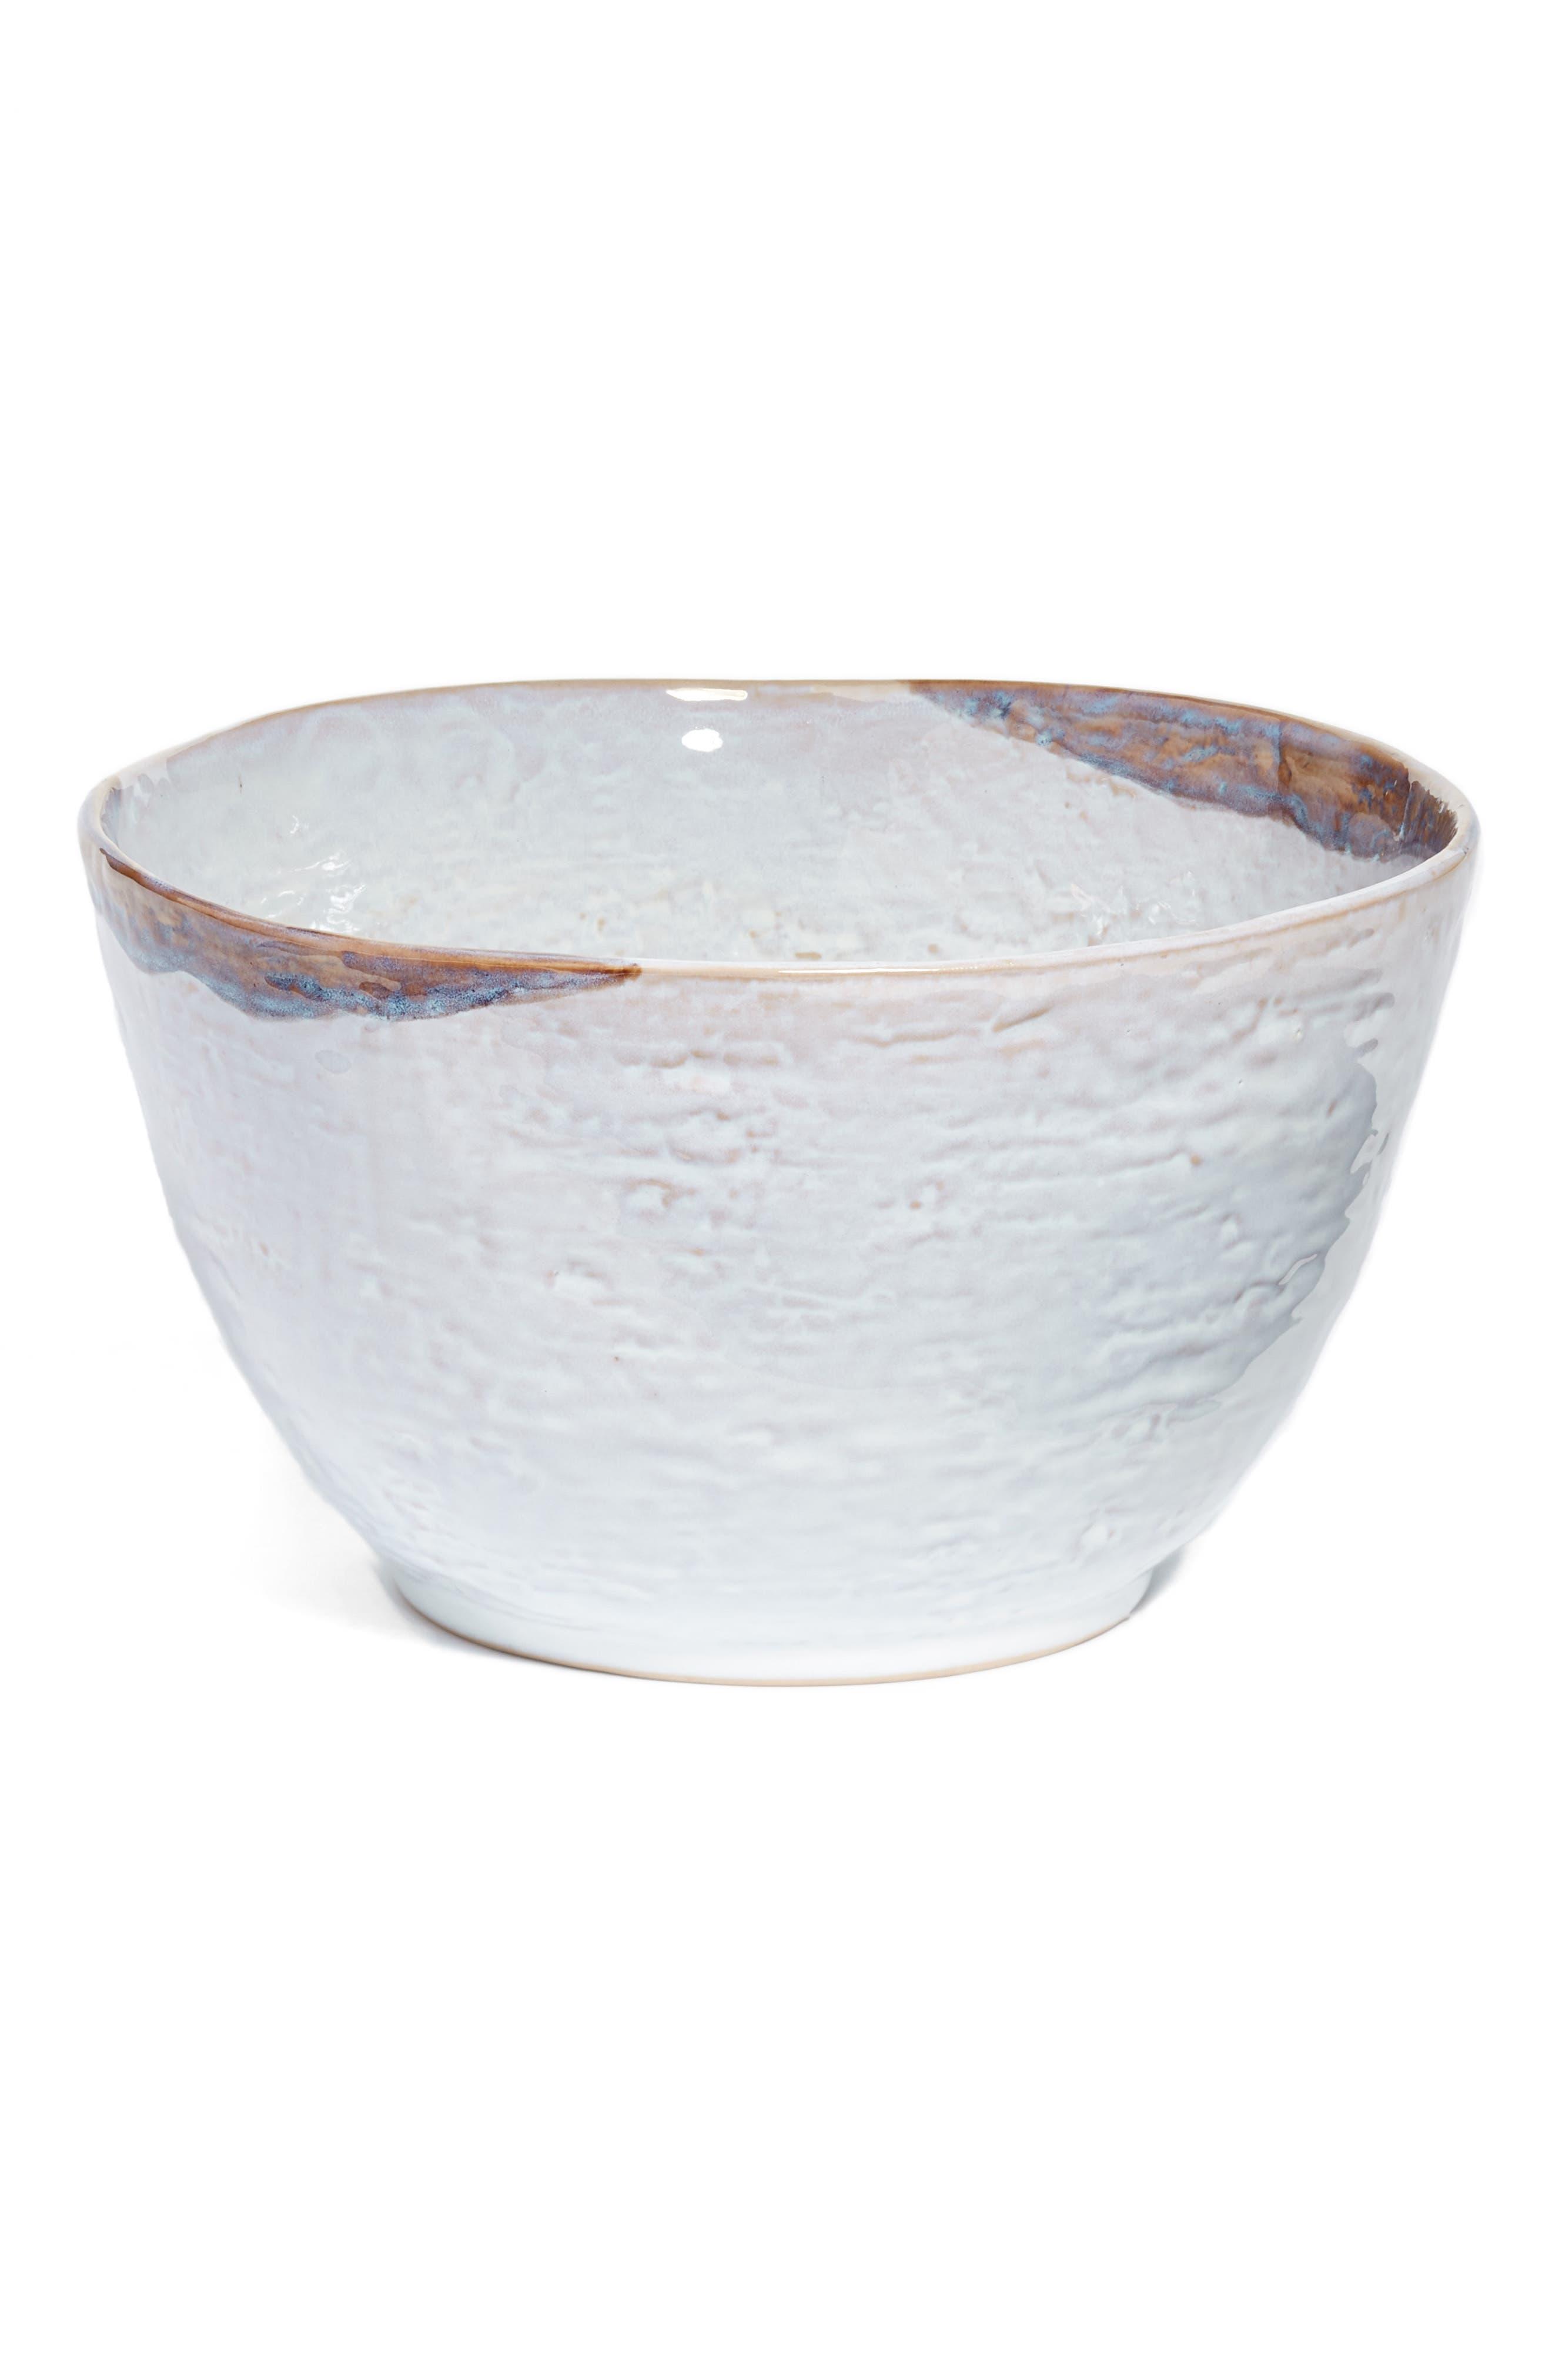 Watercolor Ceramic Bowl,                             Main thumbnail 1, color,                             900